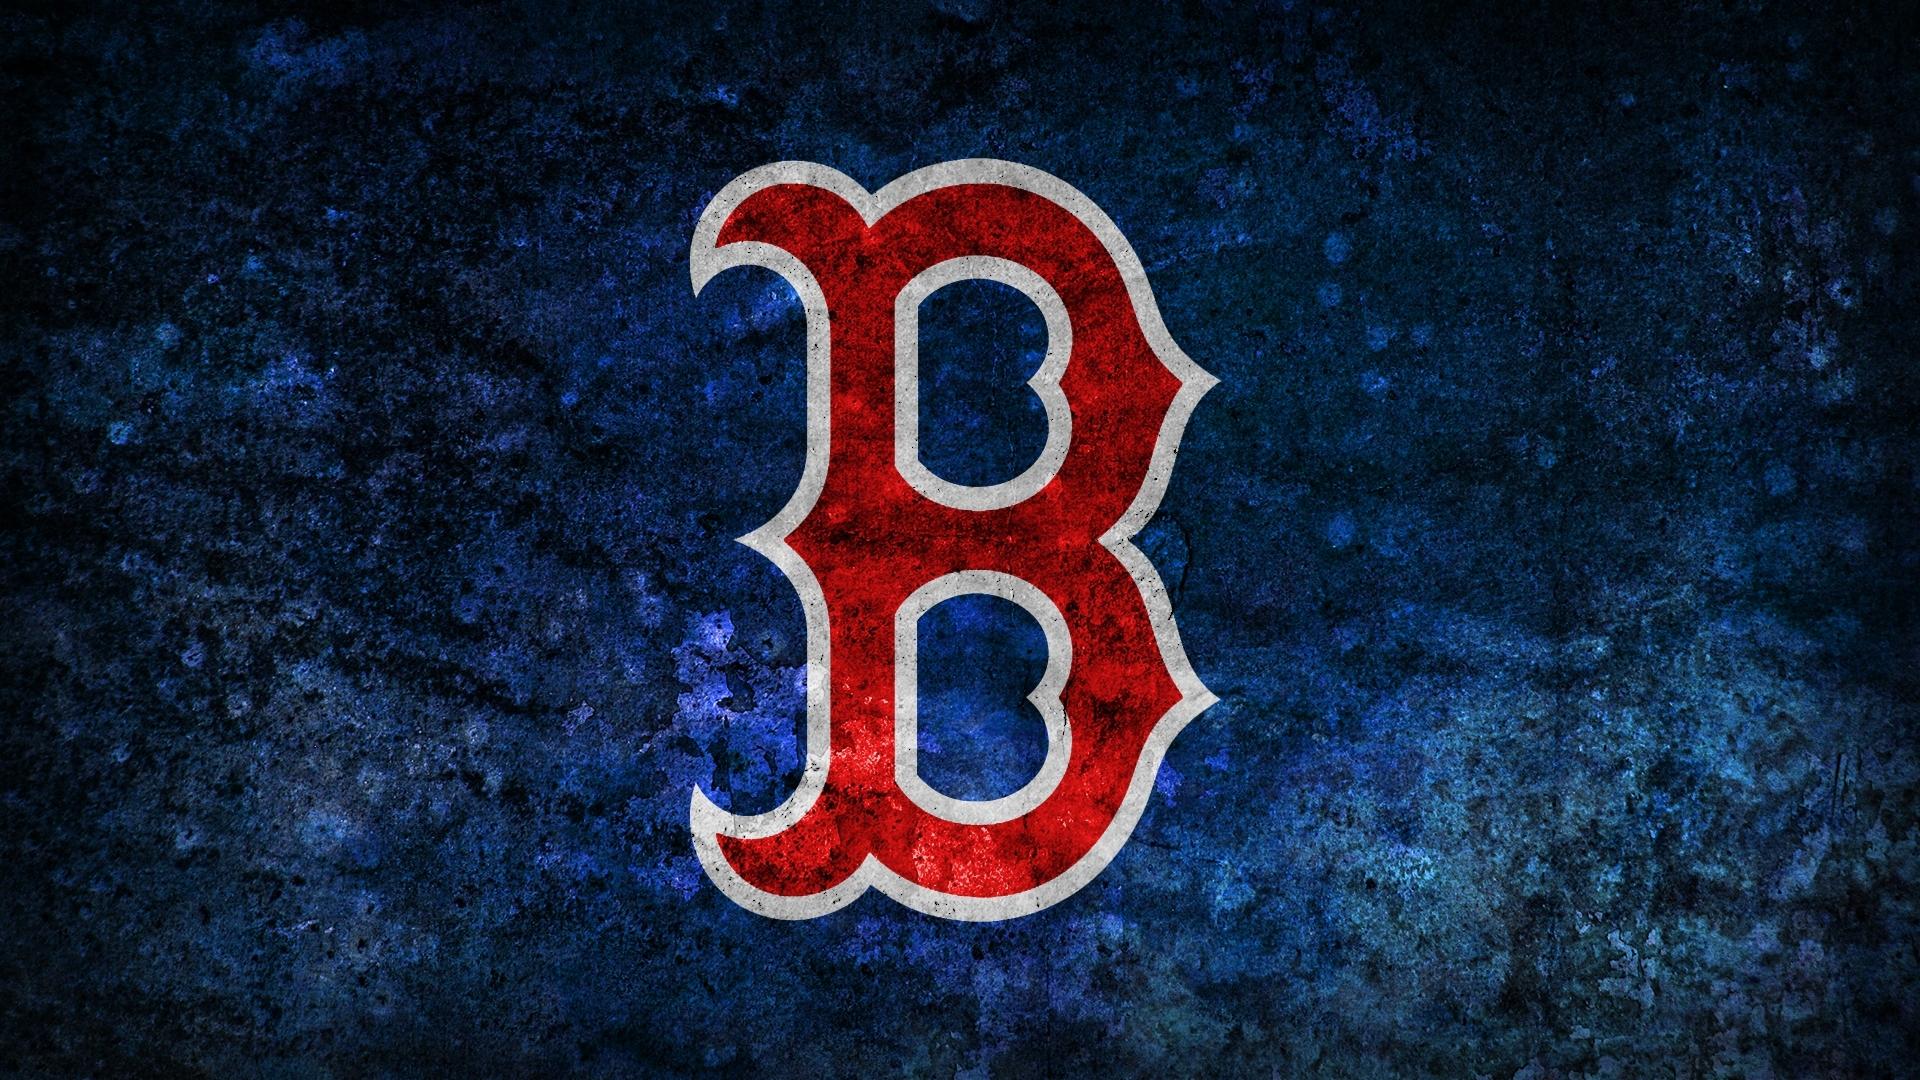 boston-red-sox-logo-wallpaper   wallpaper.wiki